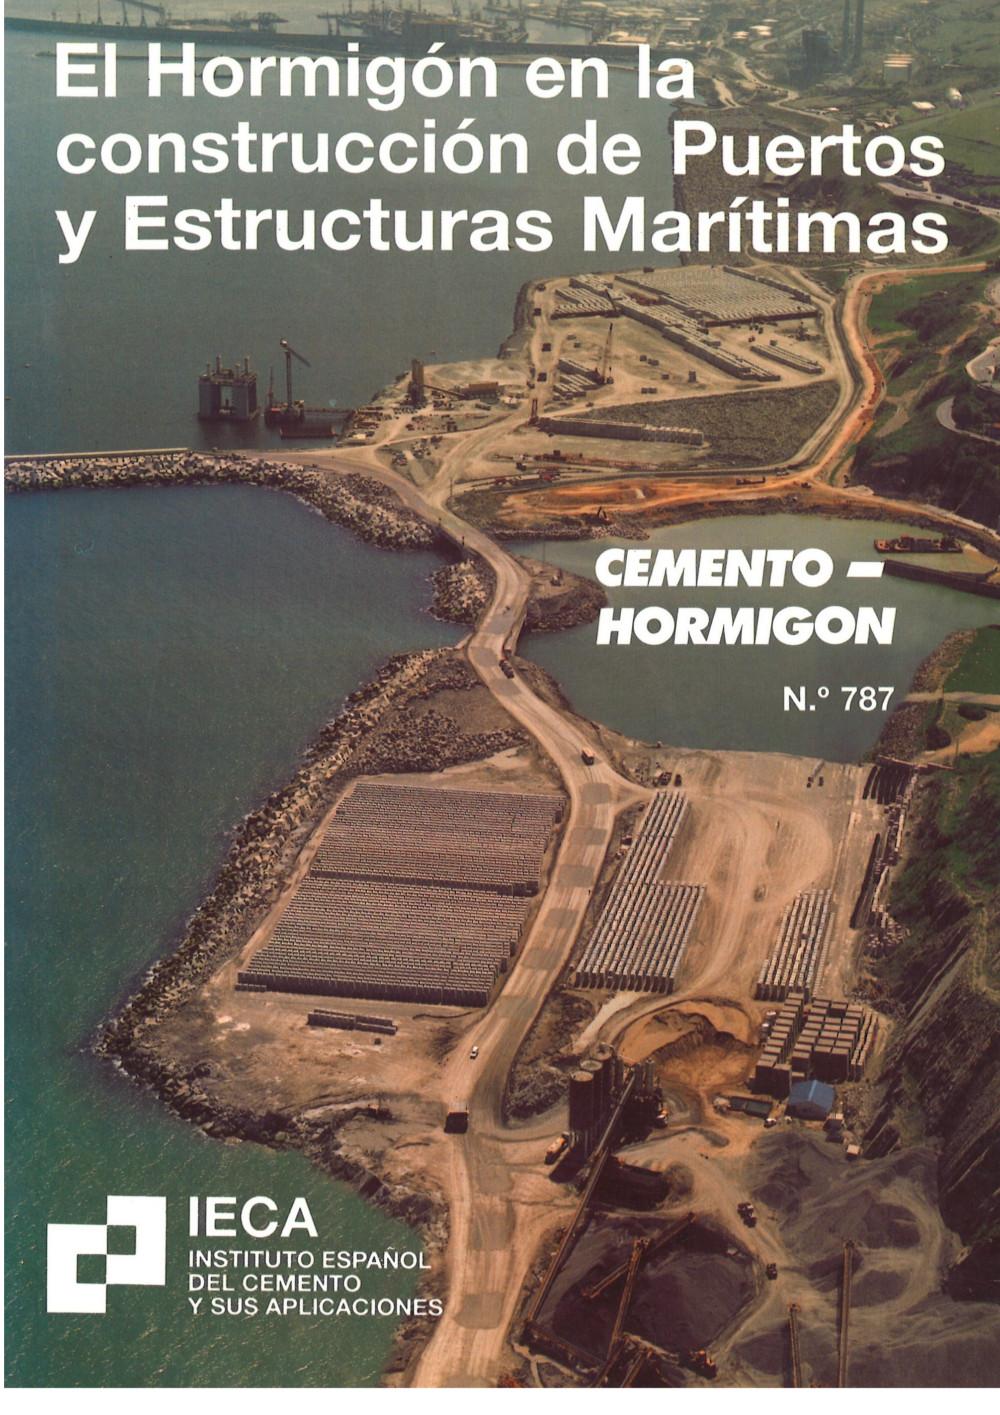 El hormigón en la construcción de puertos y estructuras marítimas